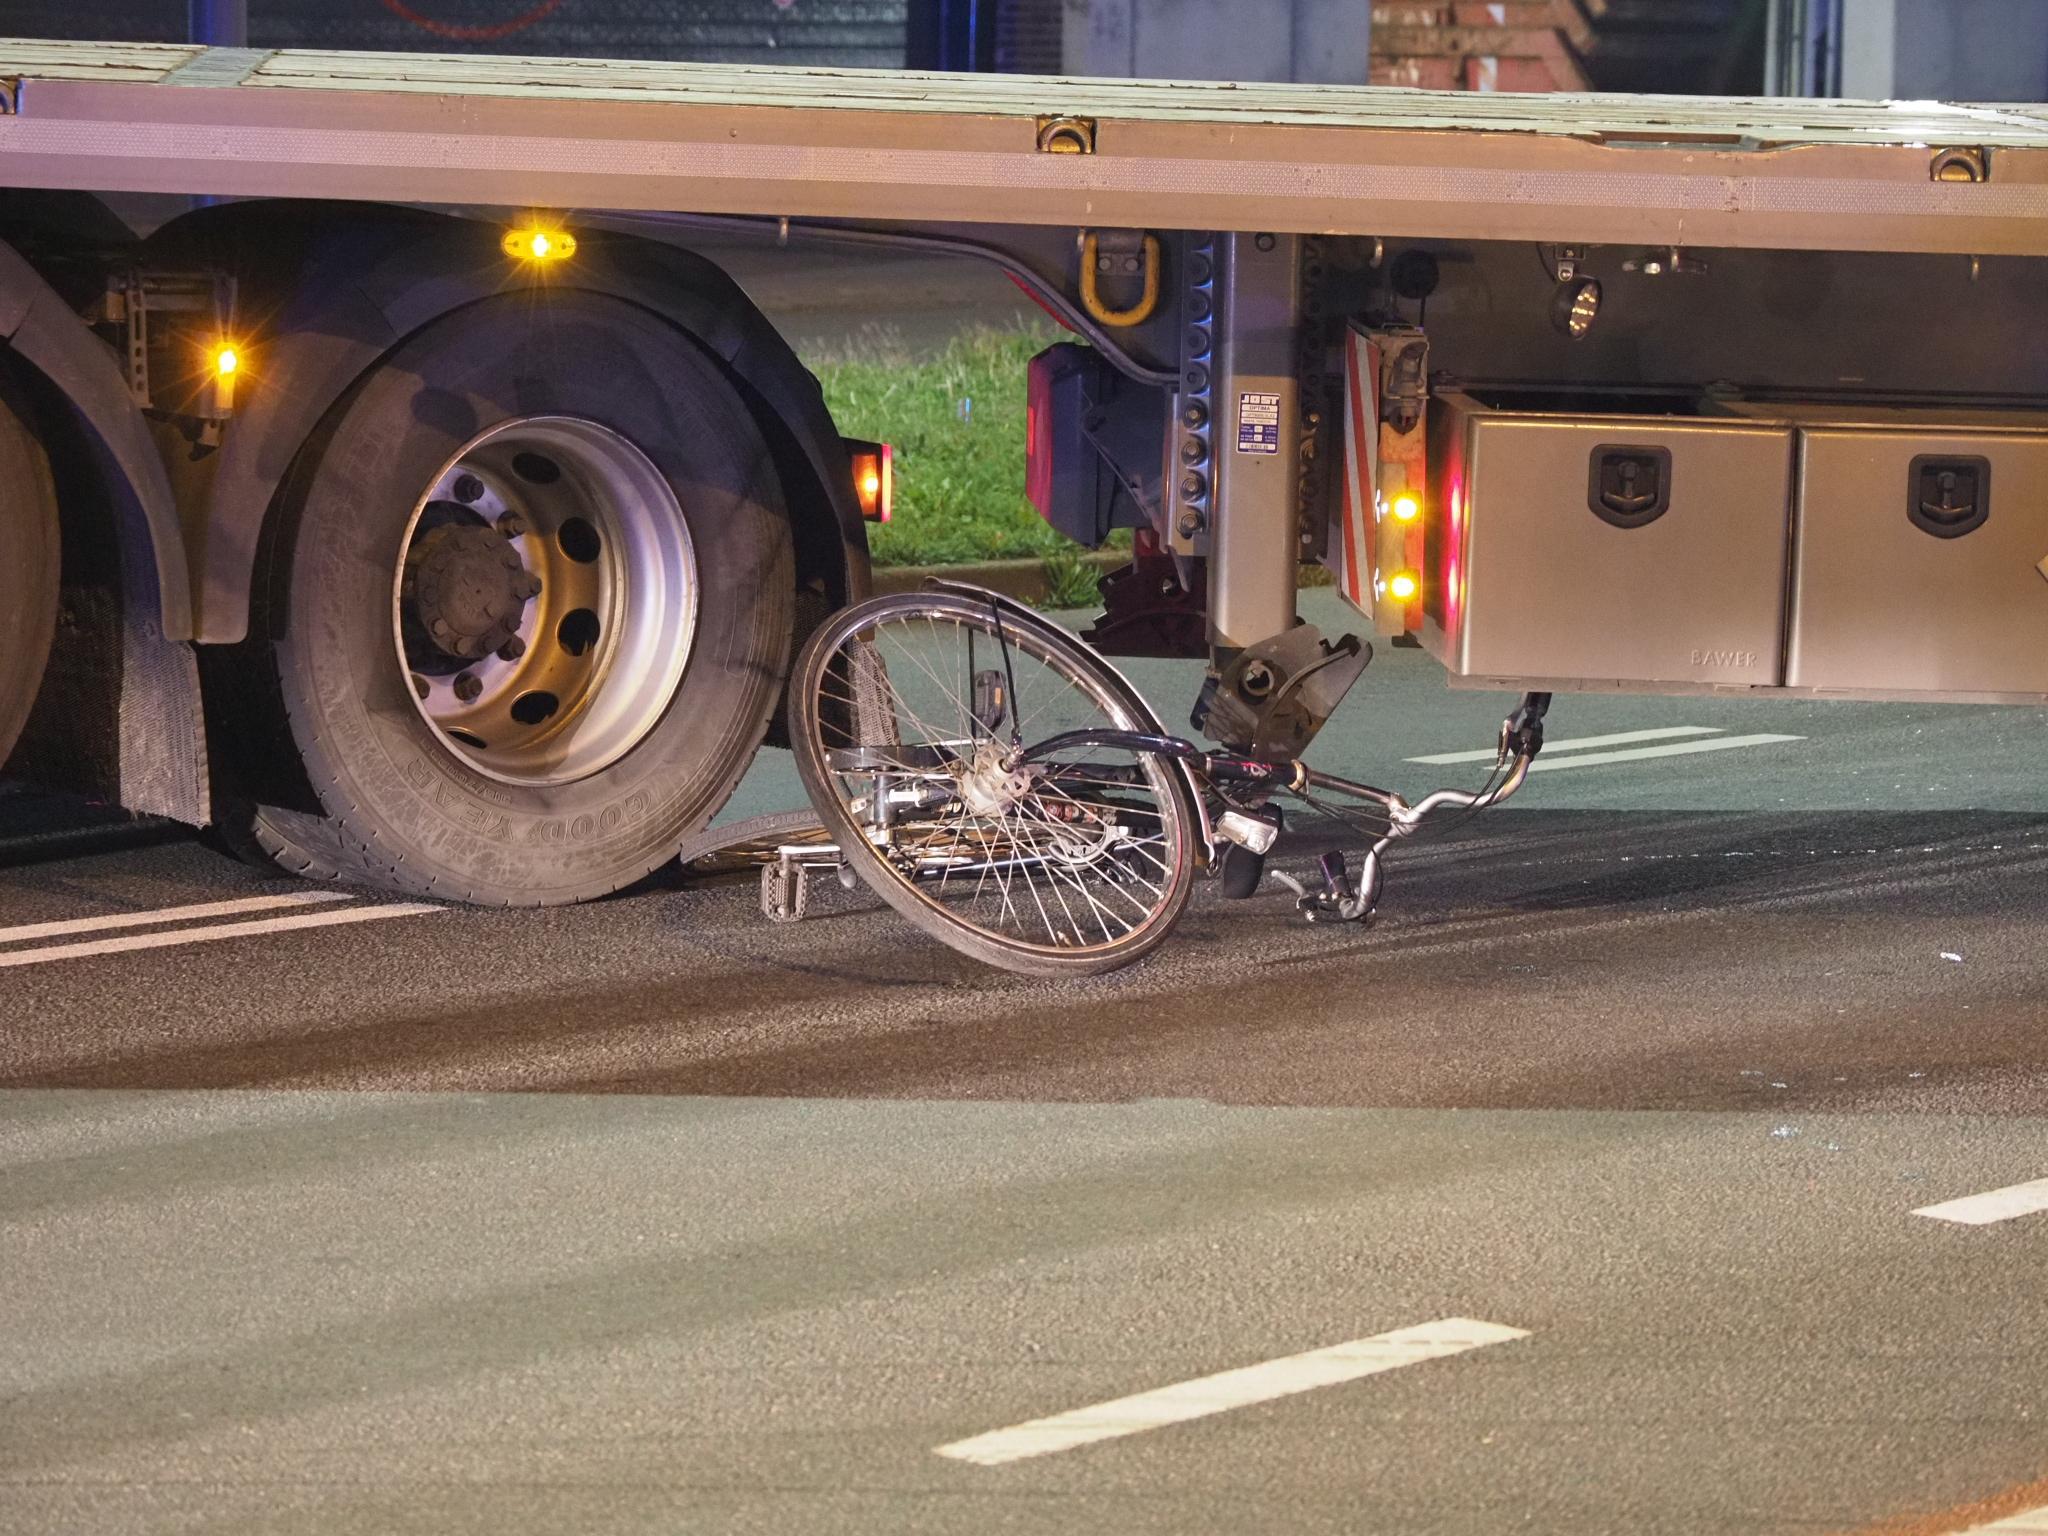 Fietser komt terecht onder vrachtwagentrailer op kruising in IJmuiden